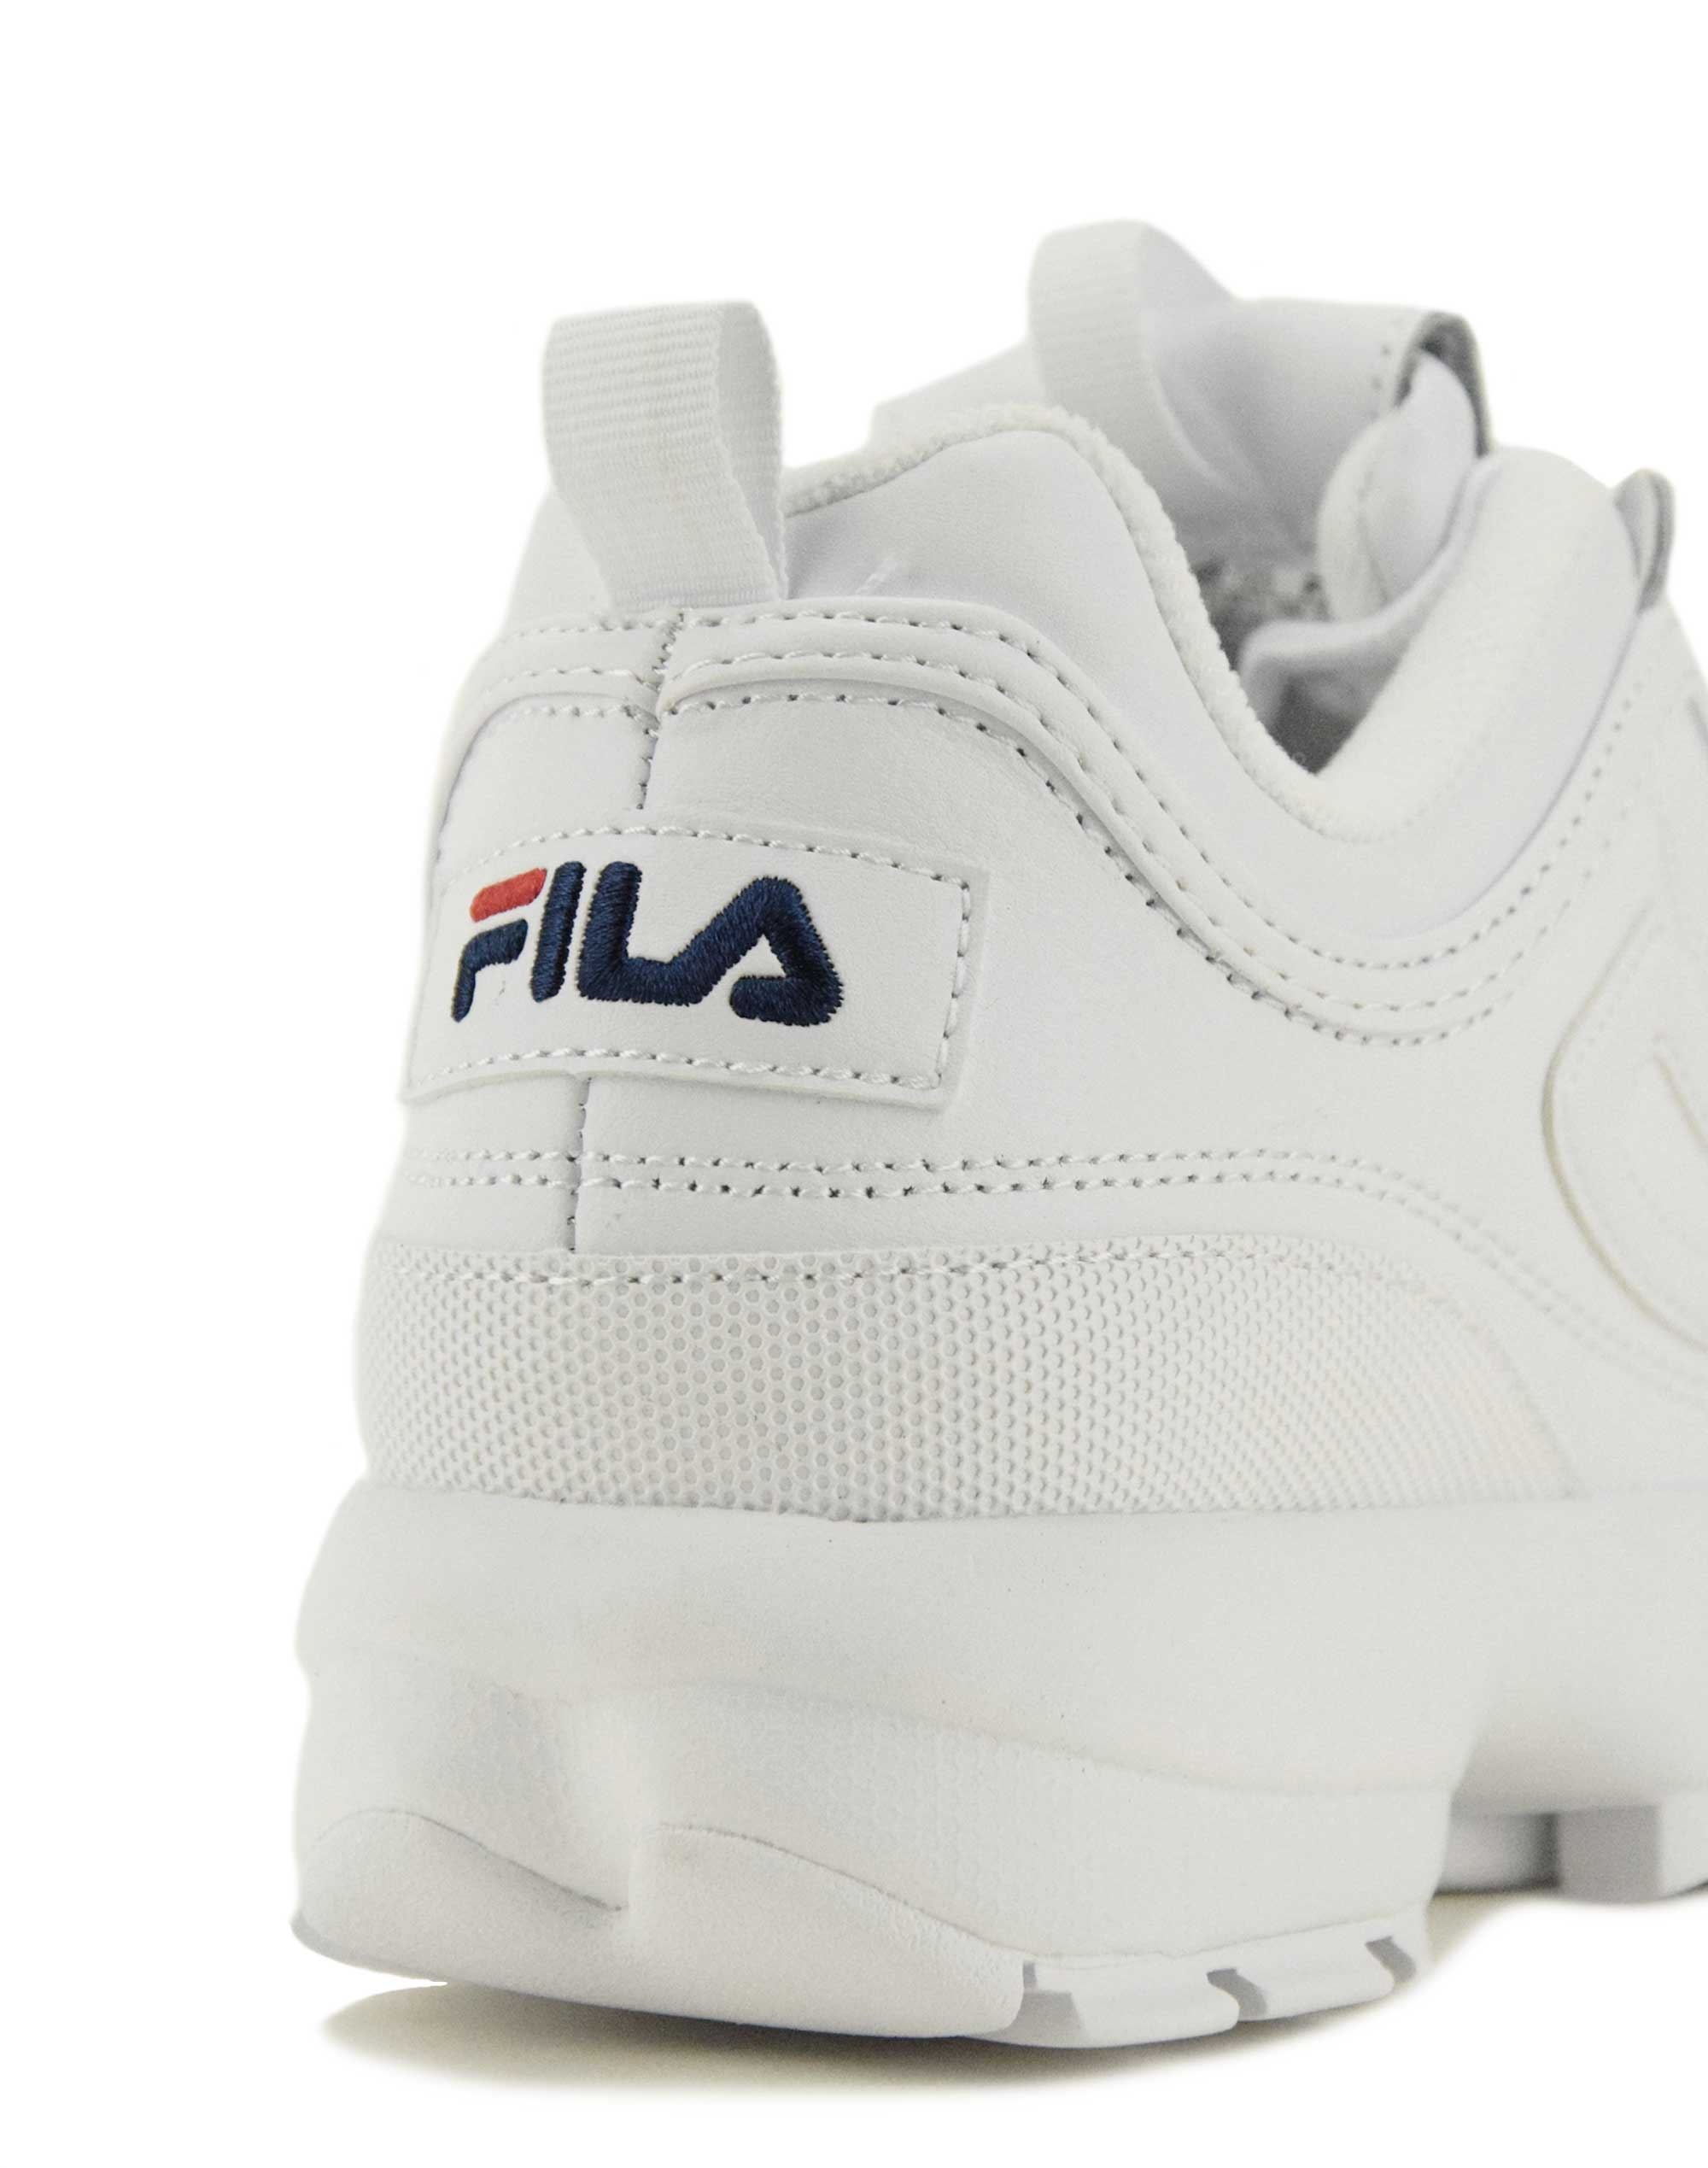 43a6213e06a Fila Disruptor II Premium (5FM00002-125) White | Eleven